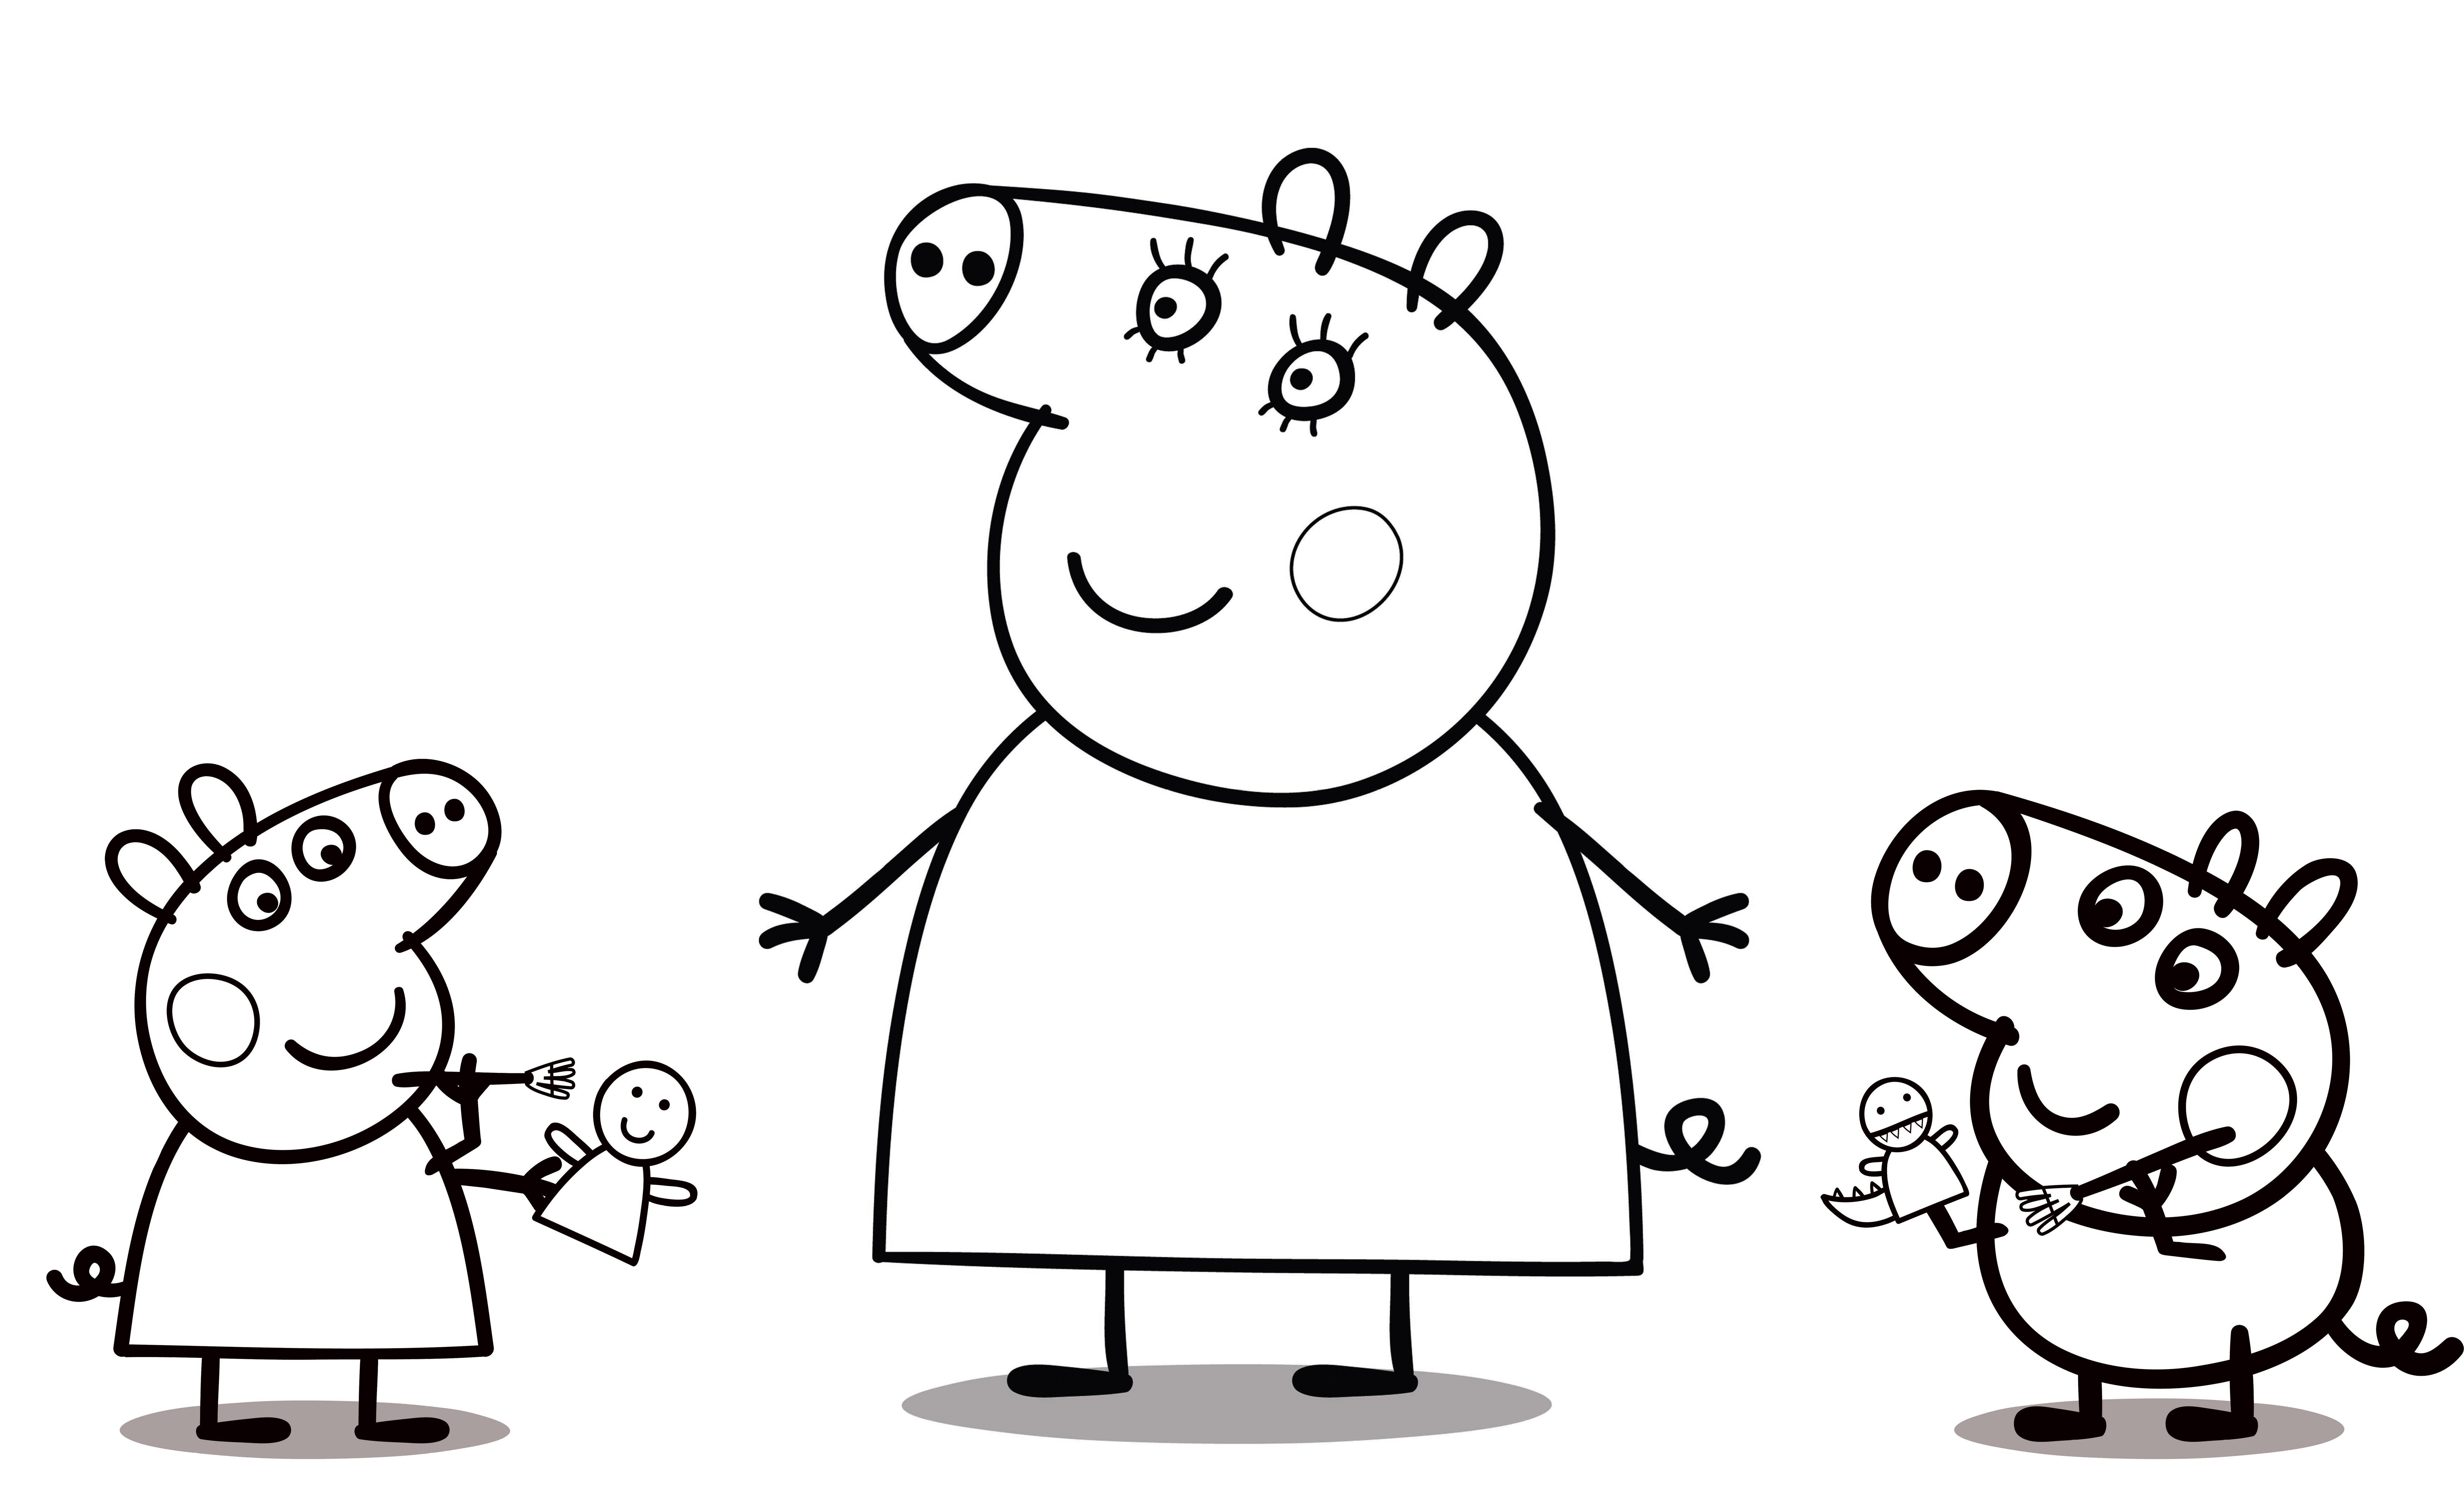 Свинка Пеппа с игрушками - раскраска №609 | Printonic.ru